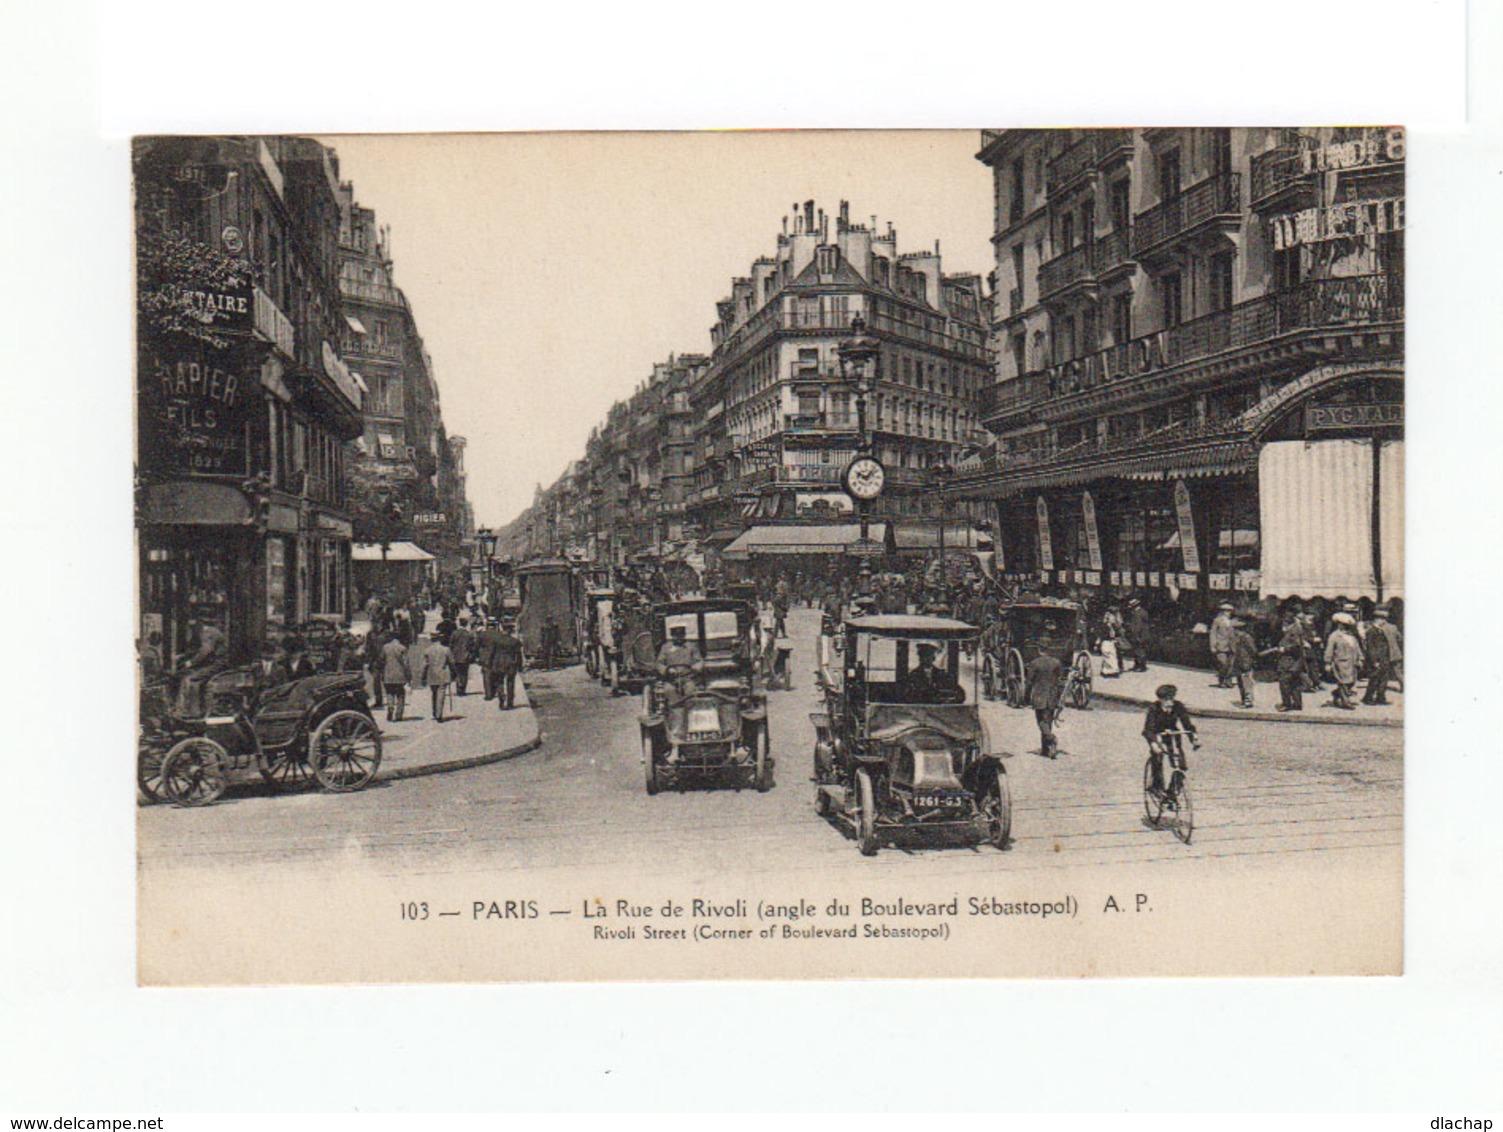 Paris. La Rue De Rivoli. Angle Boulevard Sébastopol. Foule, Nombreux Tacots. (3216) - Arrondissement: 01